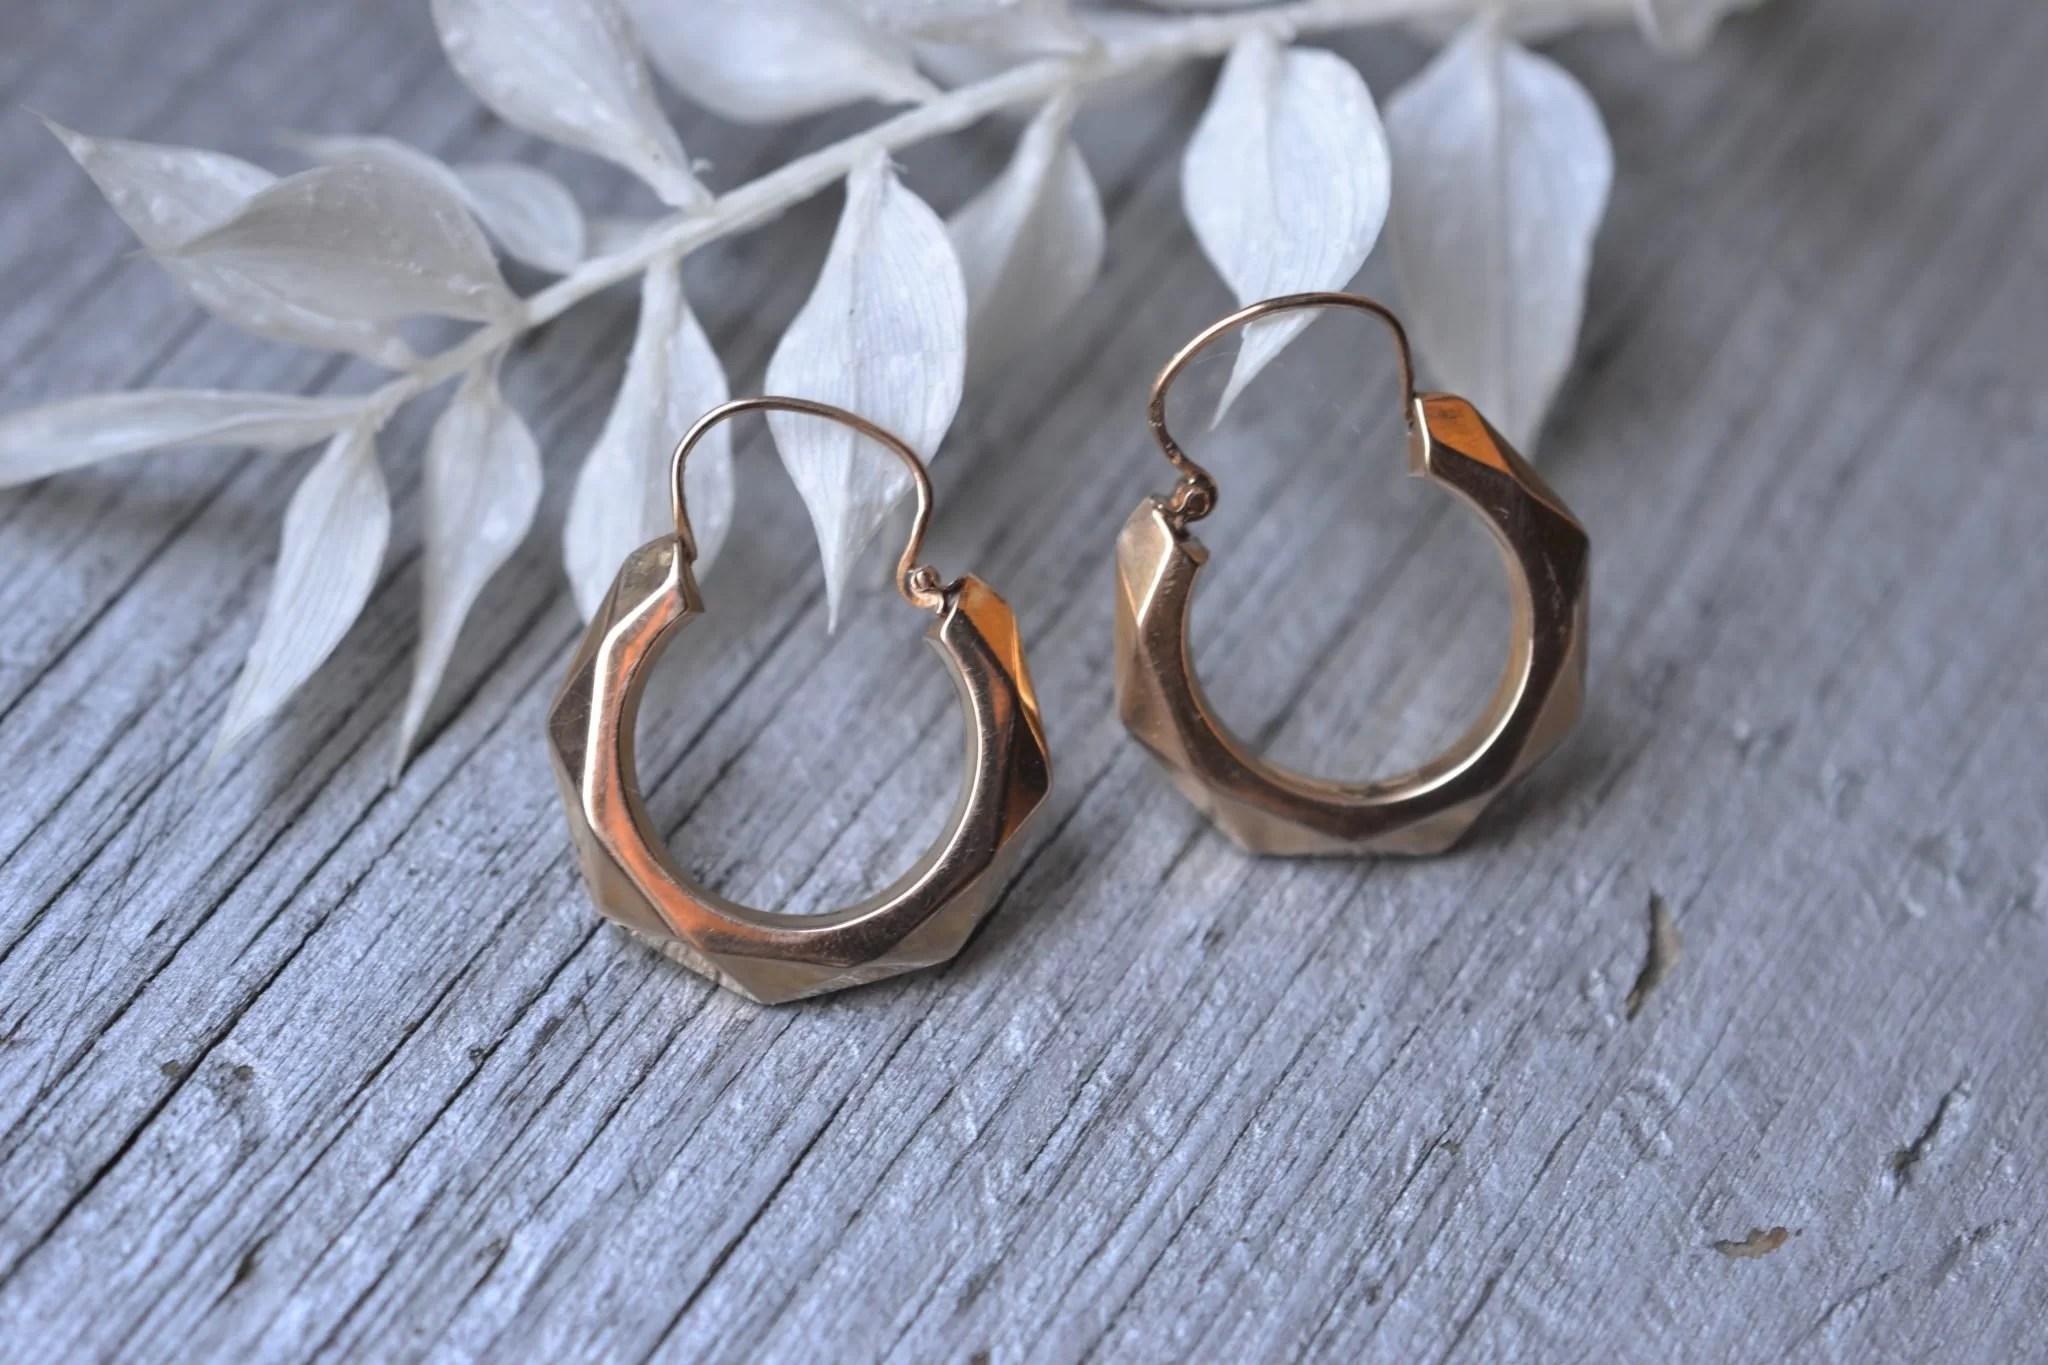 boucles d'oreilles créoles facettées - bijoux anciens - boucles d'oreilles époque - en Or 18 carats